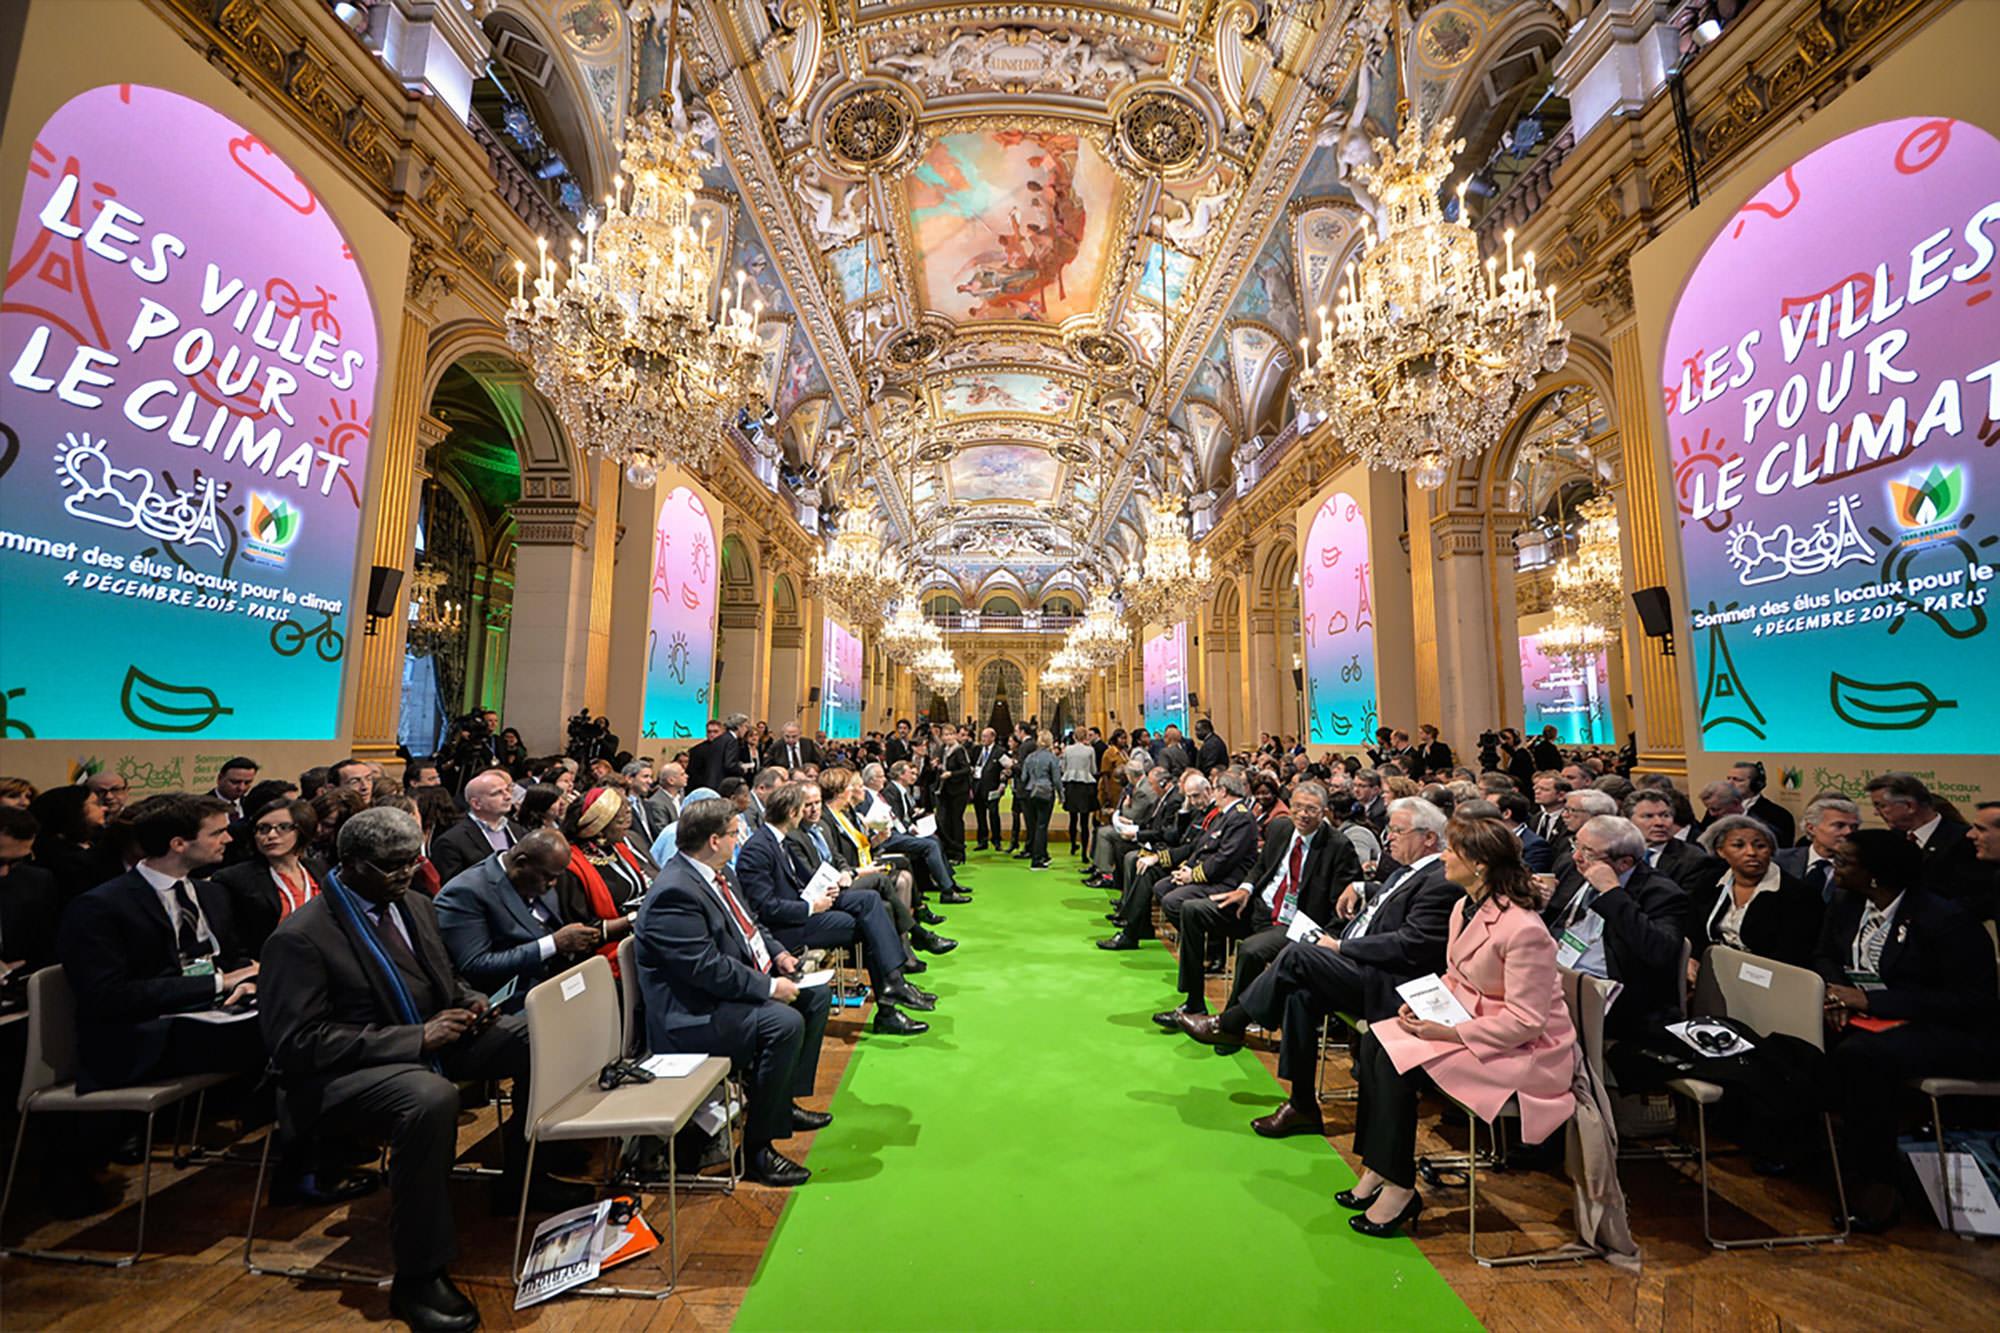 The Climate Summit for Local Leaders, part of COP21, kicks off at Paris's Hôtel de Ville